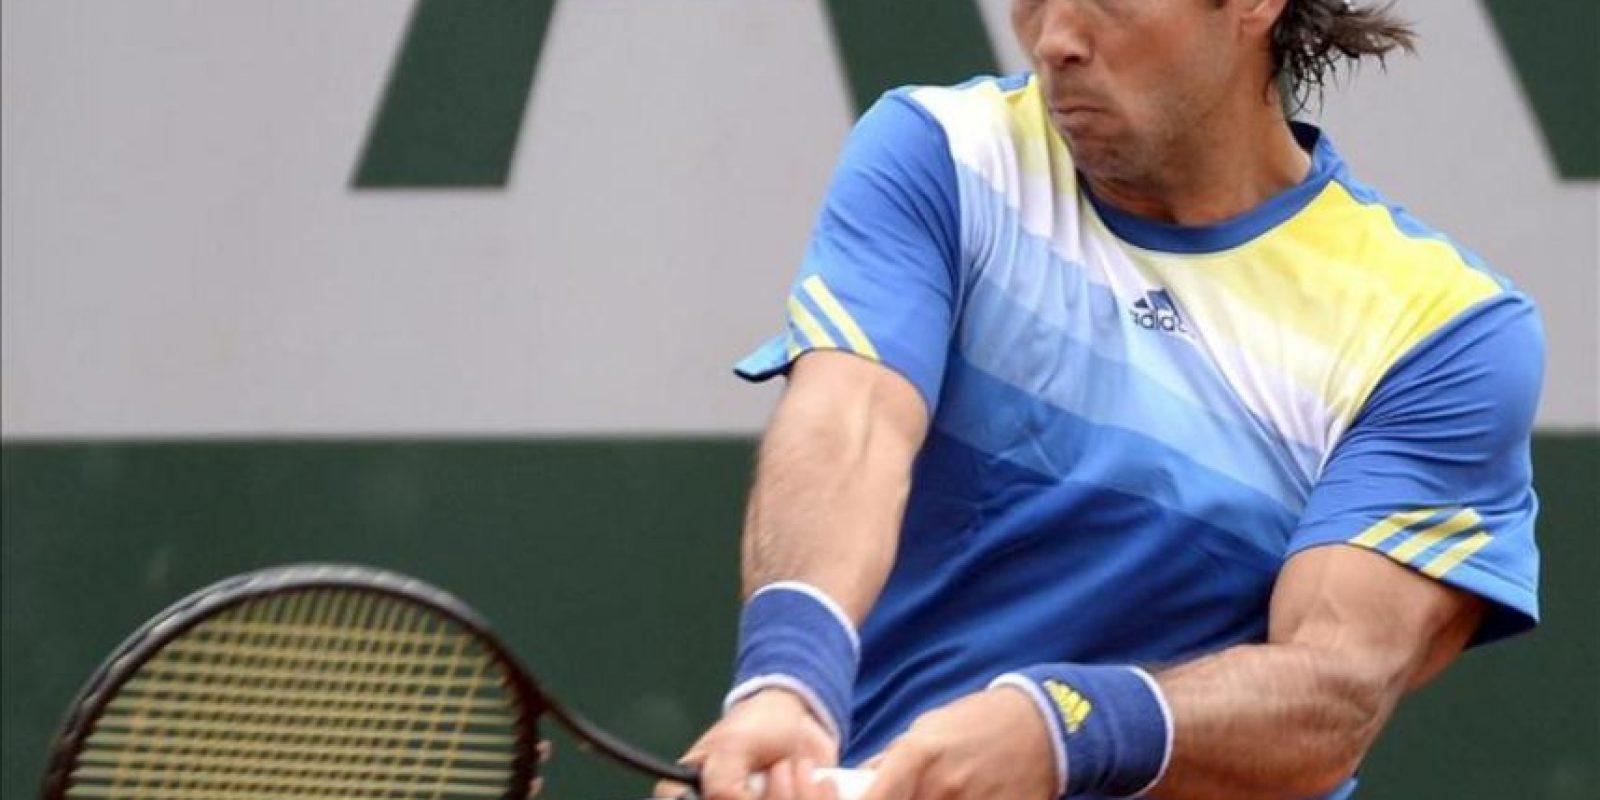 El tenista español Fernando Verdasco golpea la bola durante su partido de segunda ronda de Roland Garros. EFE